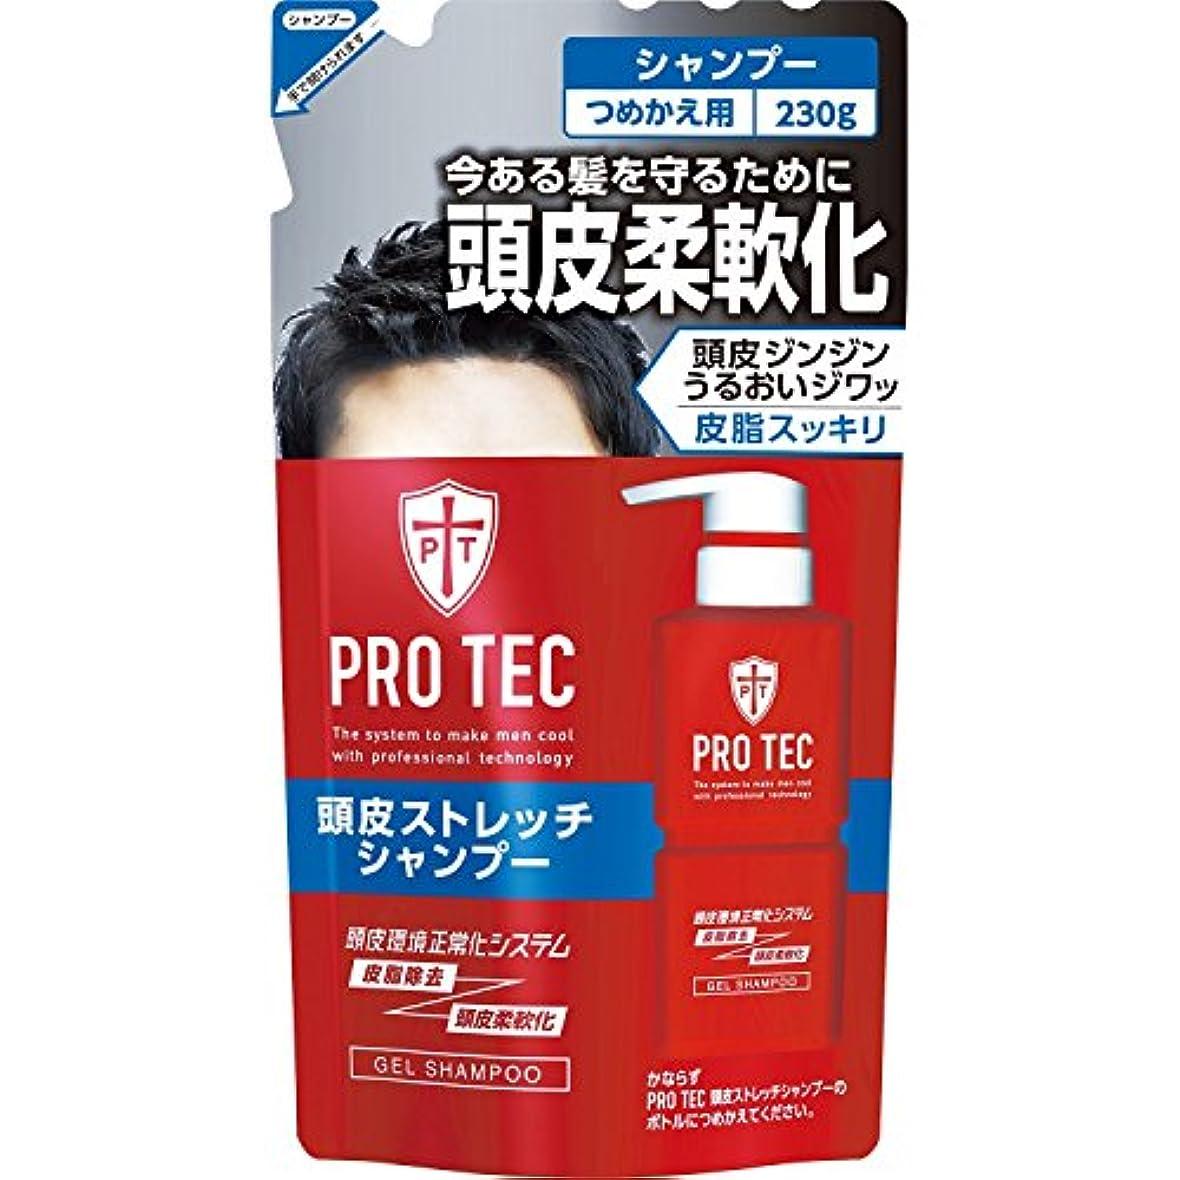 前書き休暇偽造PRO TEC(プロテク) 頭皮ストレッチ シャンプー 詰め替え 230g(医薬部外品)